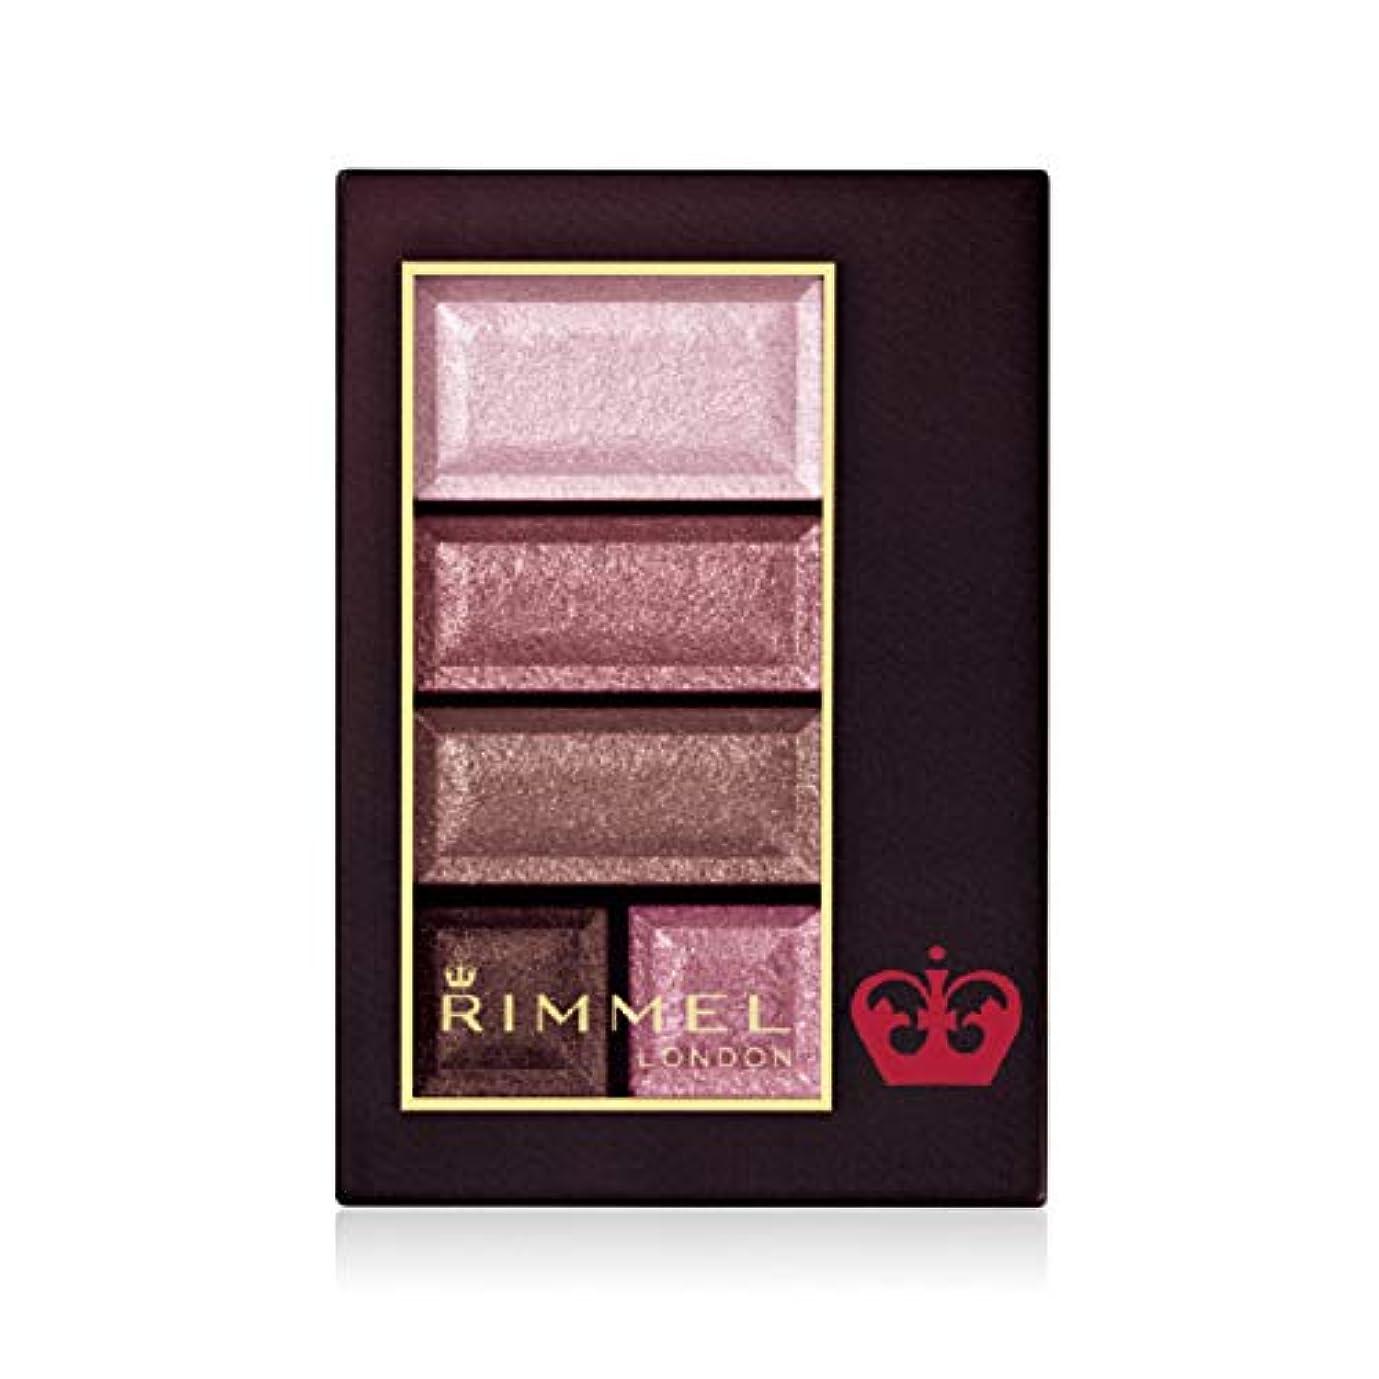 変化夜間溶けたRimmel (リンメル) ショコラスウィート アイズ 103 ローズベリーショコラ アイシャドウ